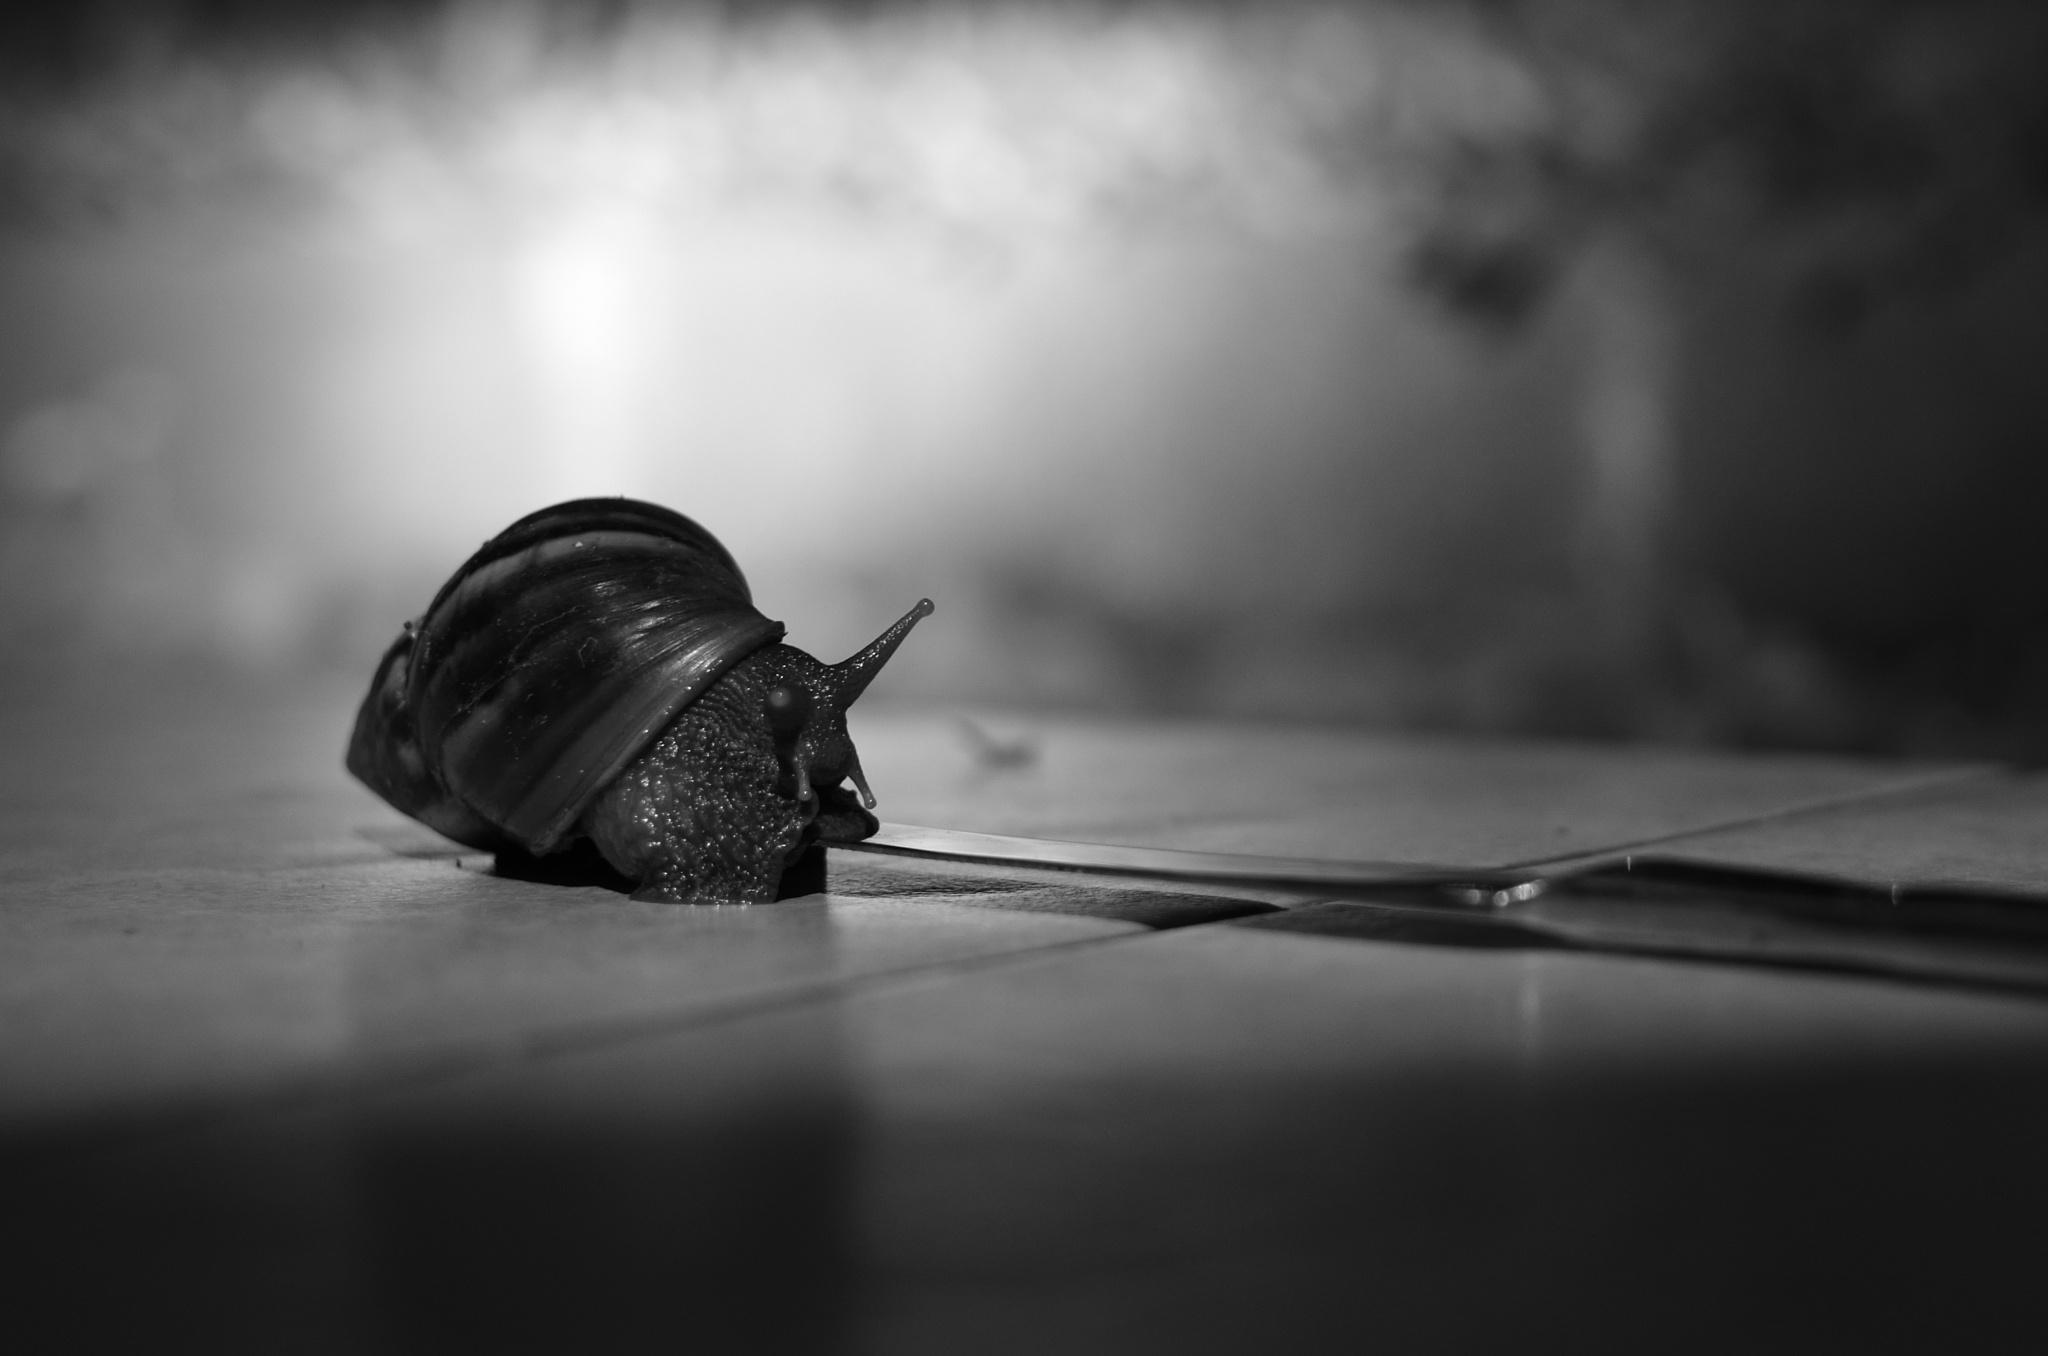 Amazing Snail by Yulius B Susilo